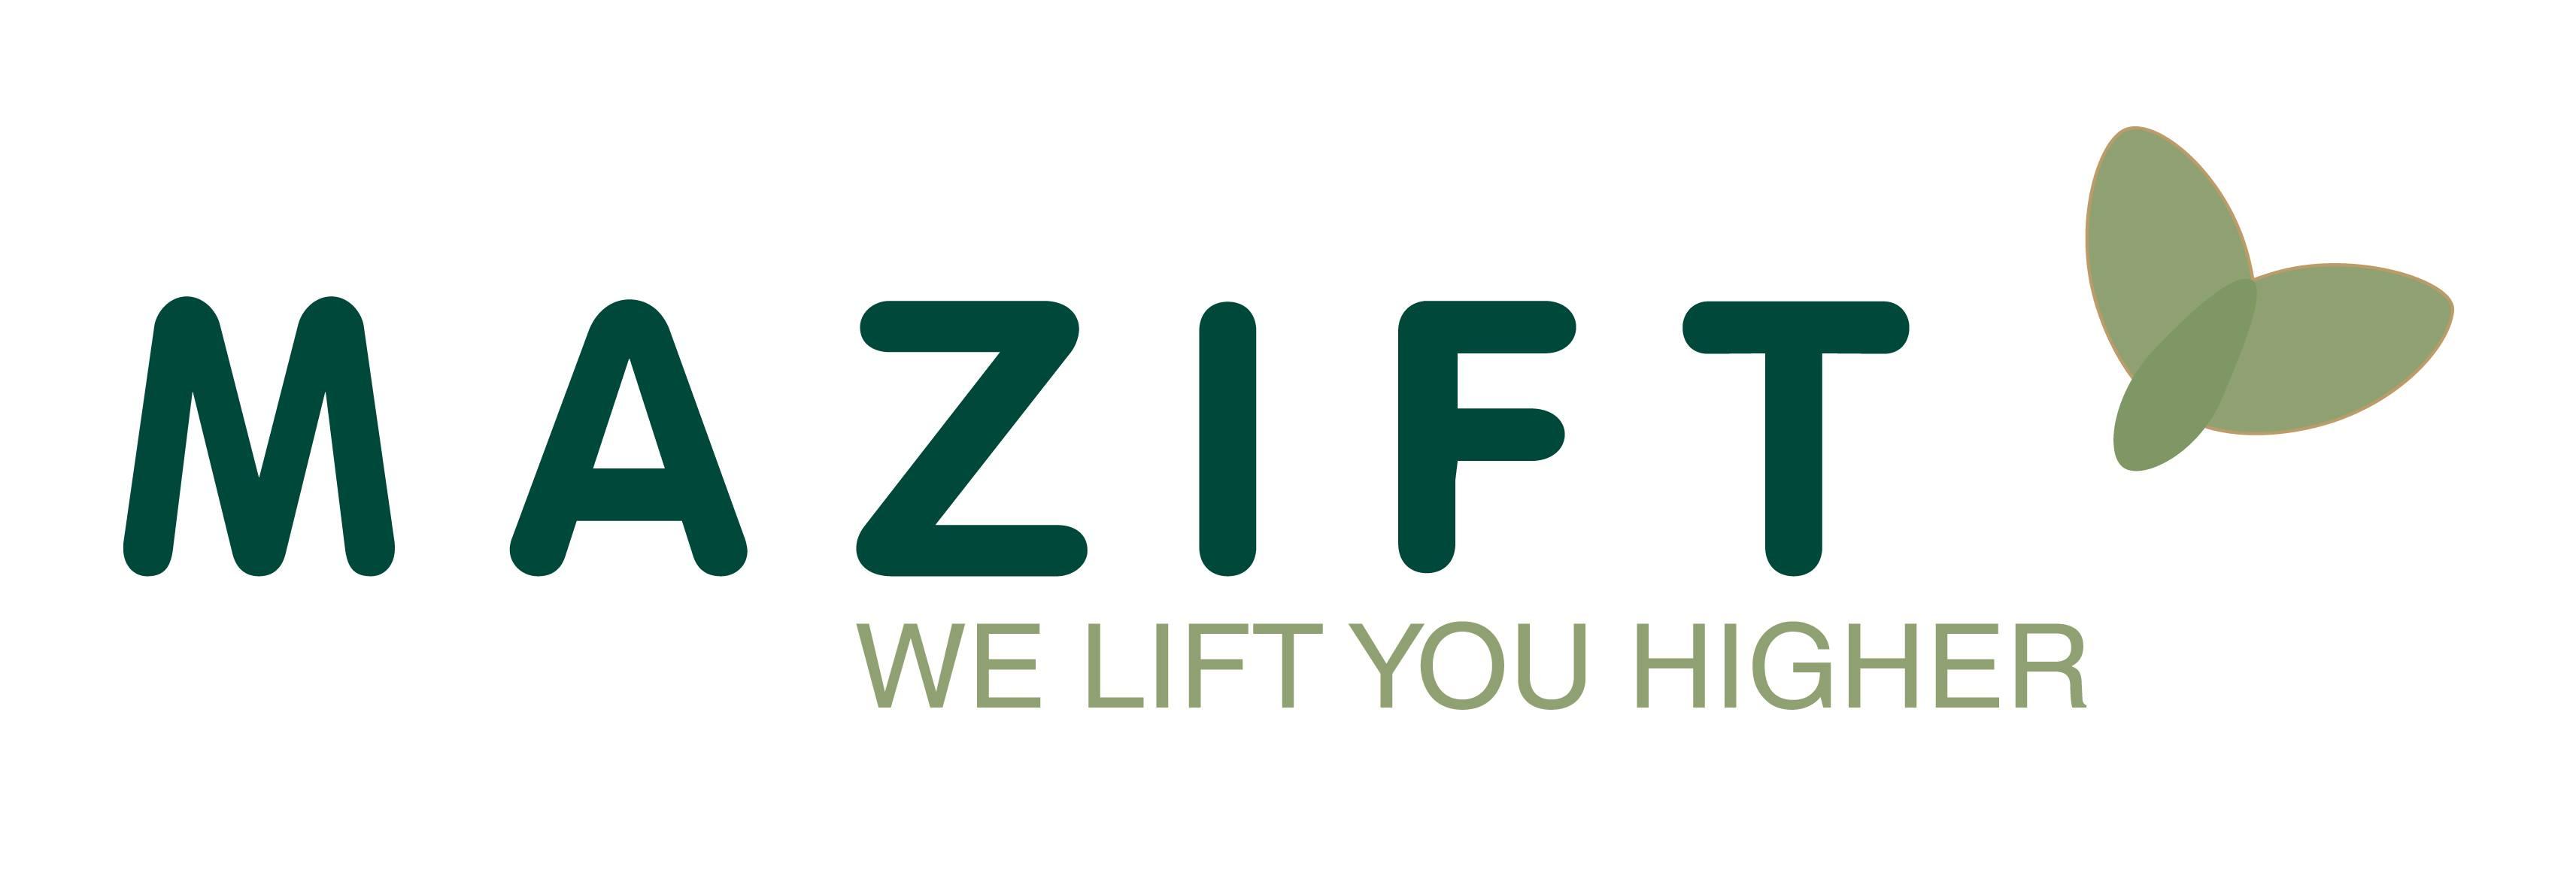 Mazift